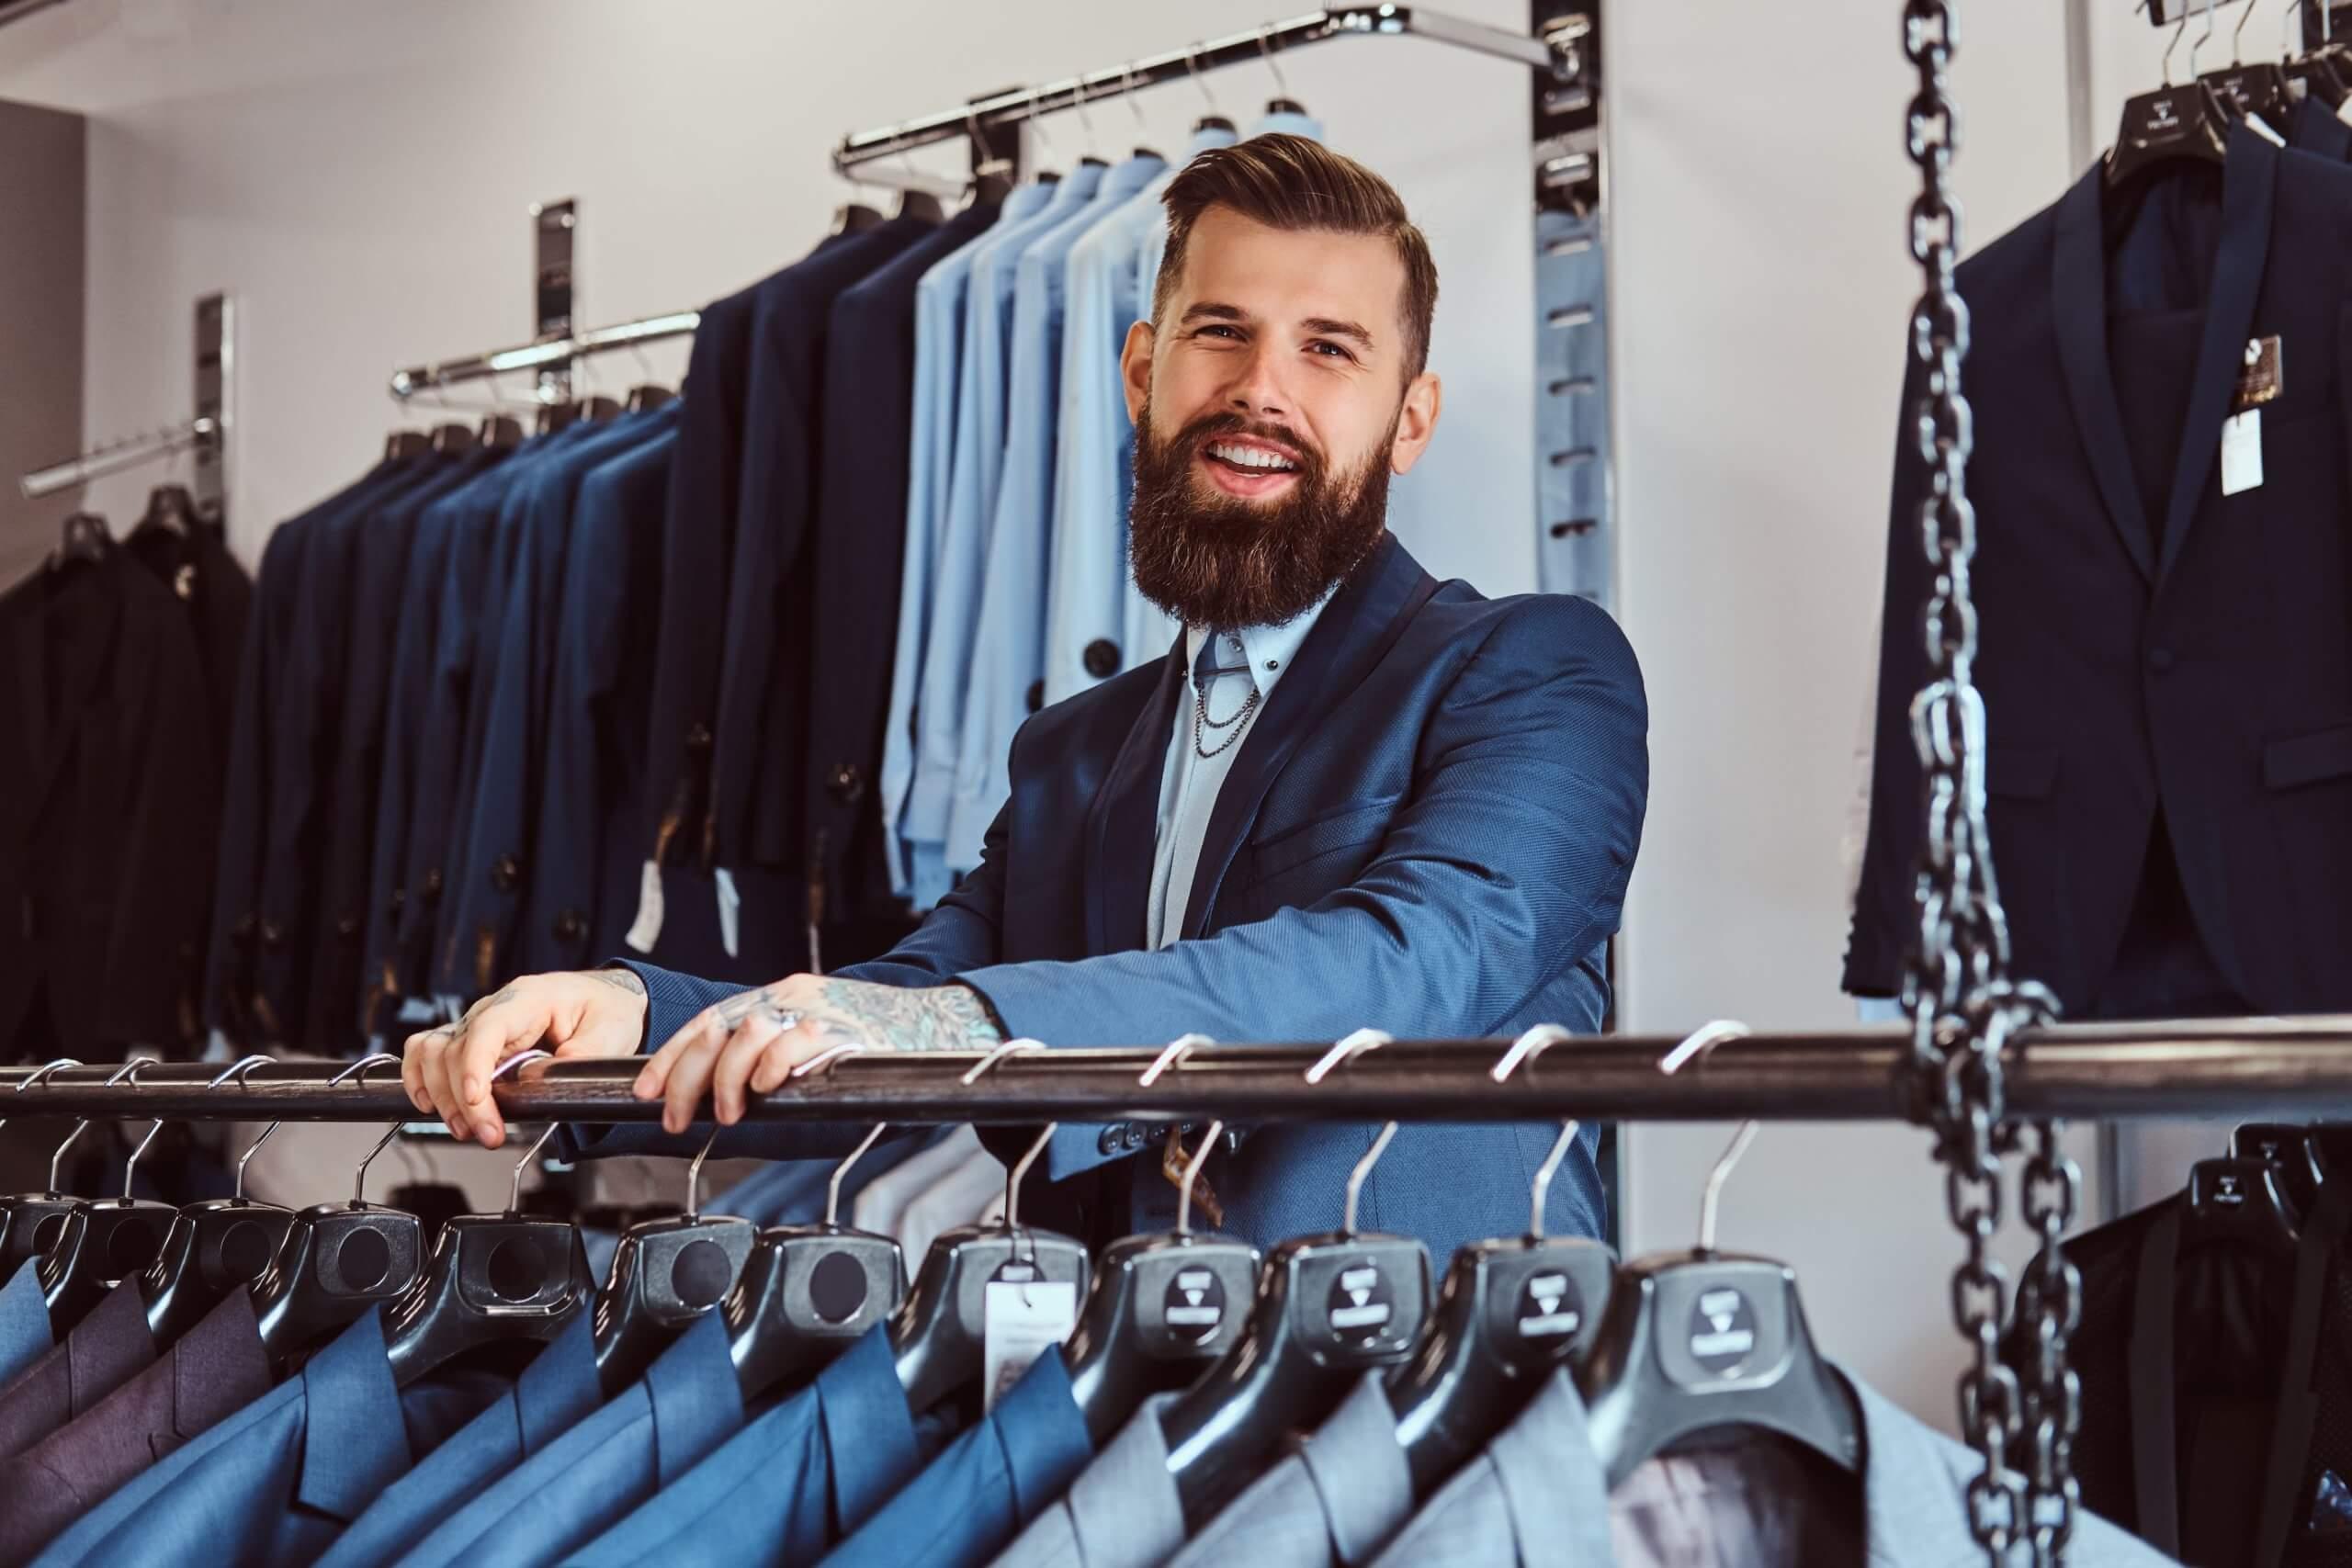 アパレルで給料が高いブランド・企業を見つける重要なポイント【アパレル転職必見】